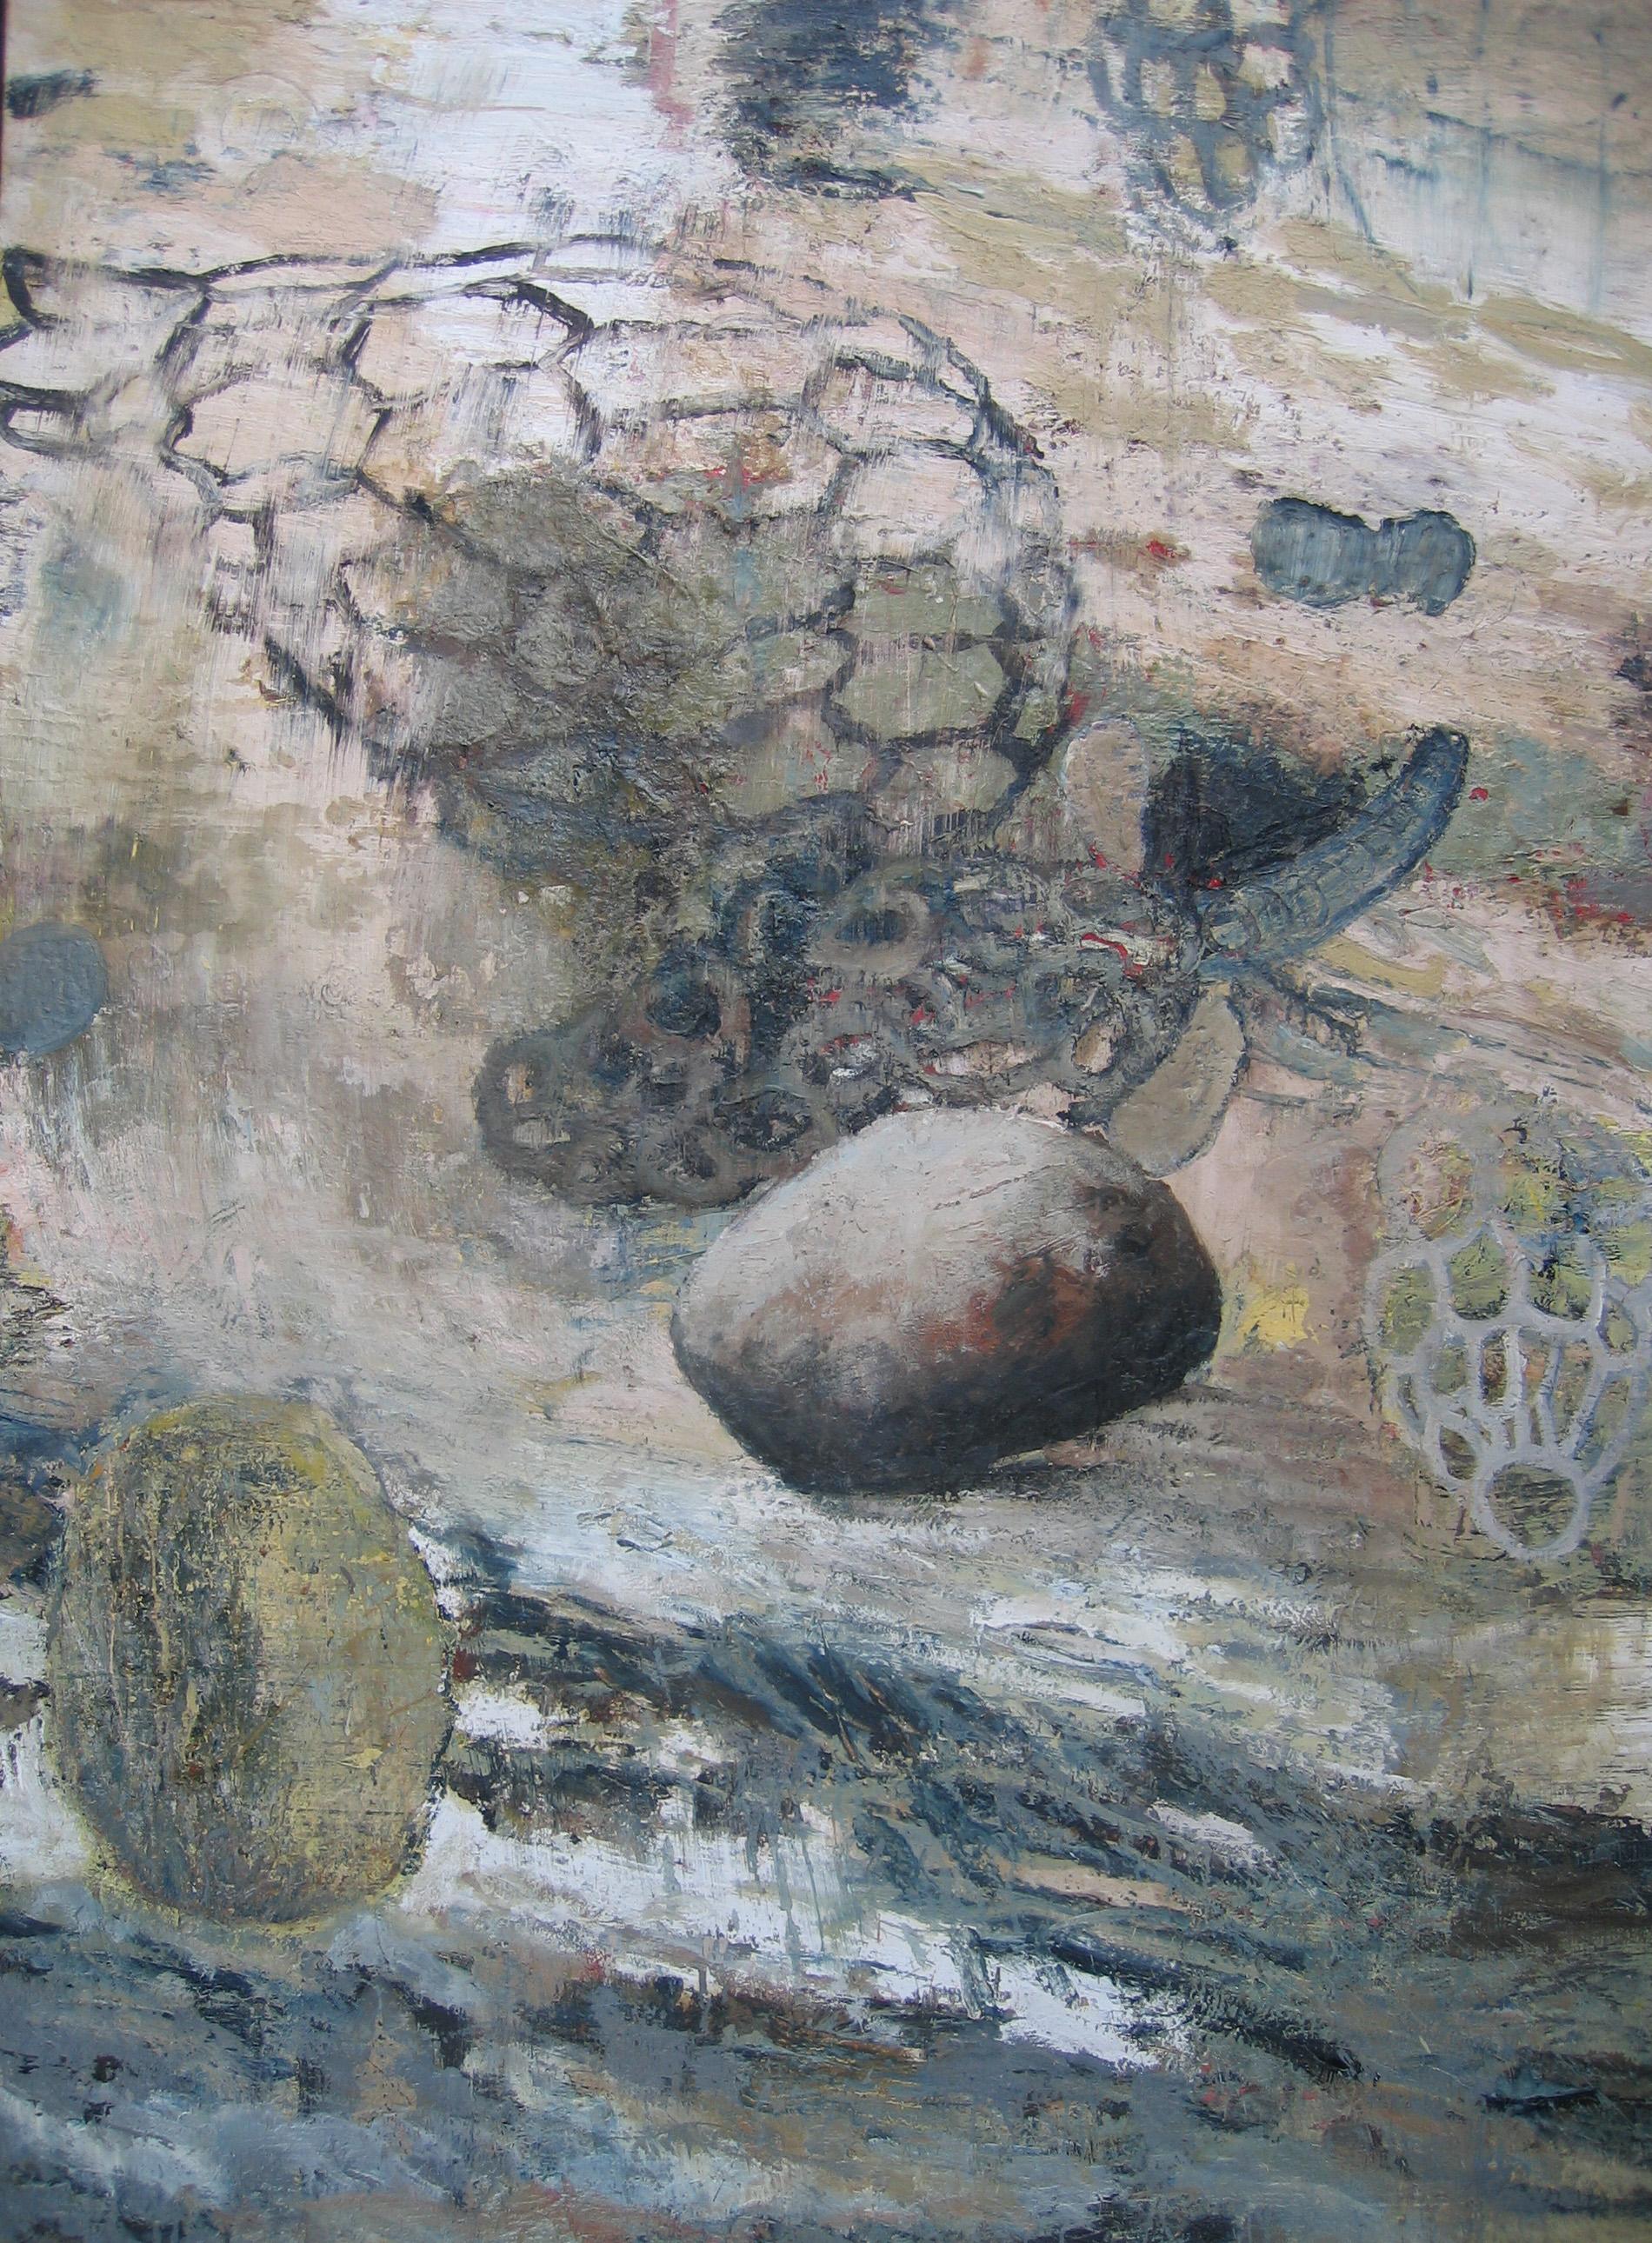 zonder titel, gemengde techniek op doek 180 x 130 cm 2003.JPG